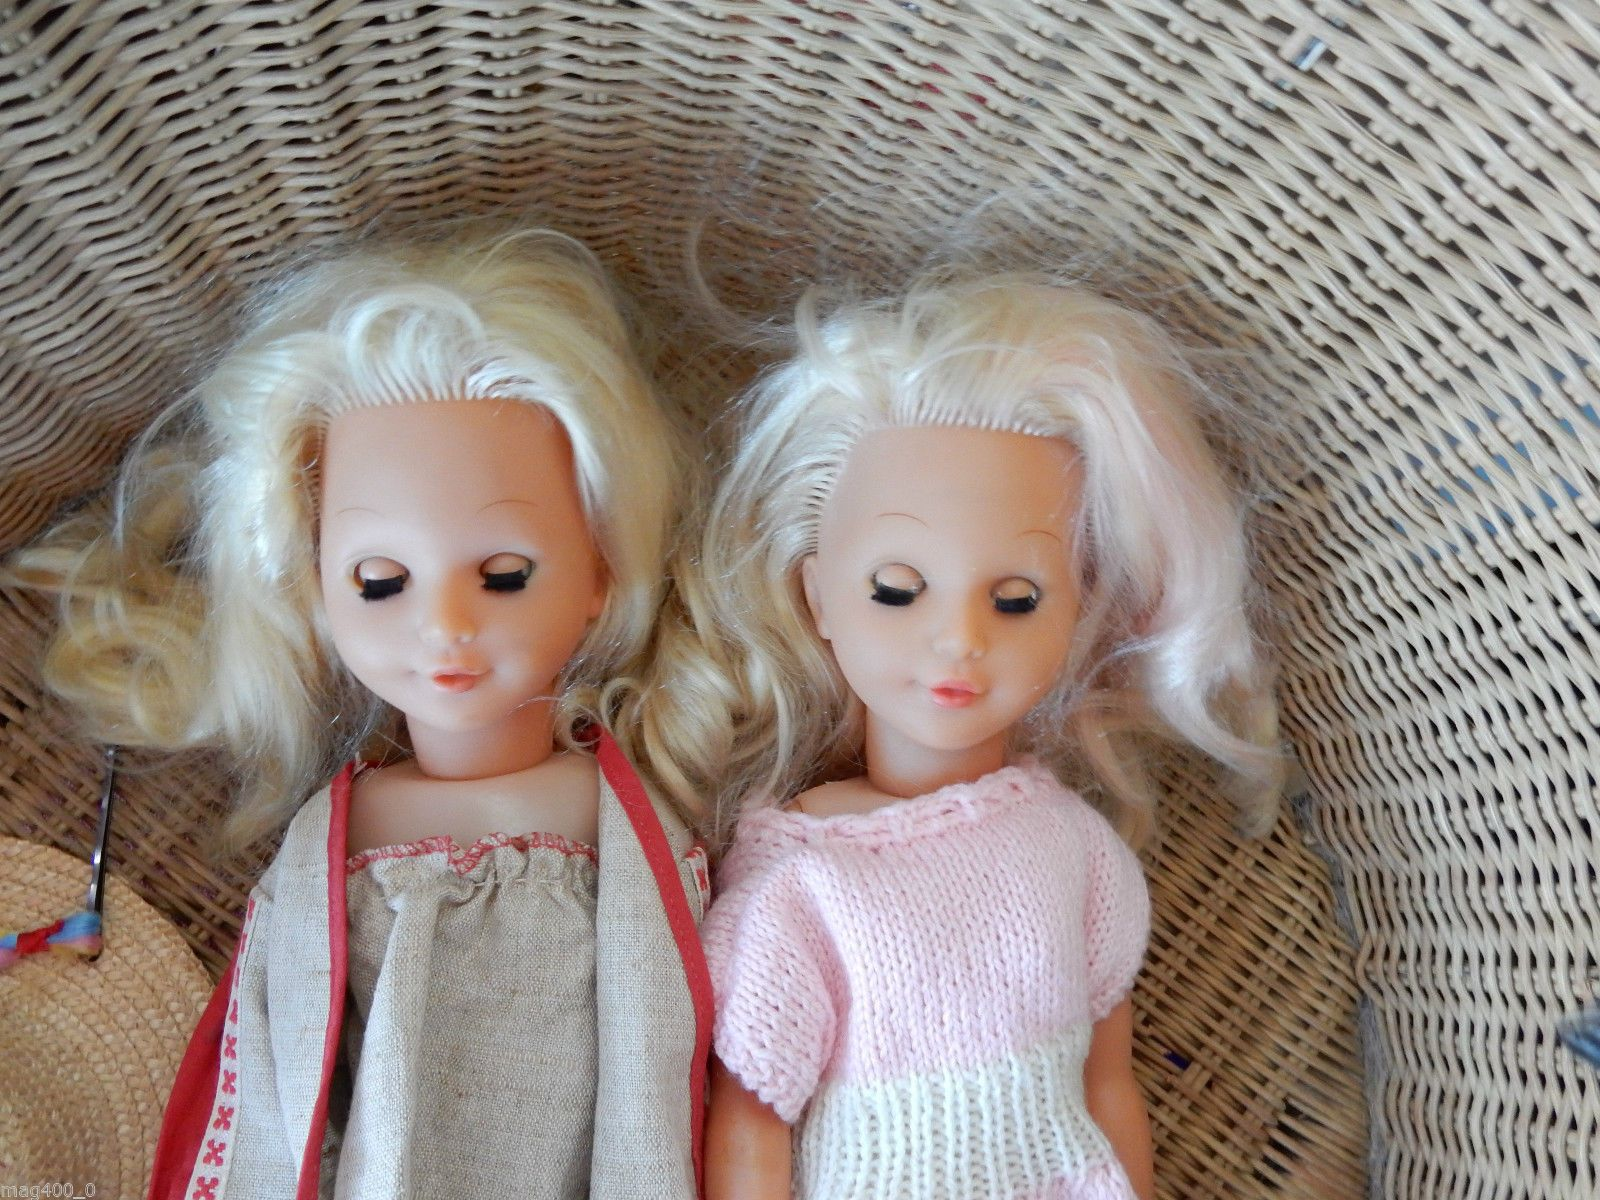 Vintage Twin Dolls play or display 20in teenage blondes